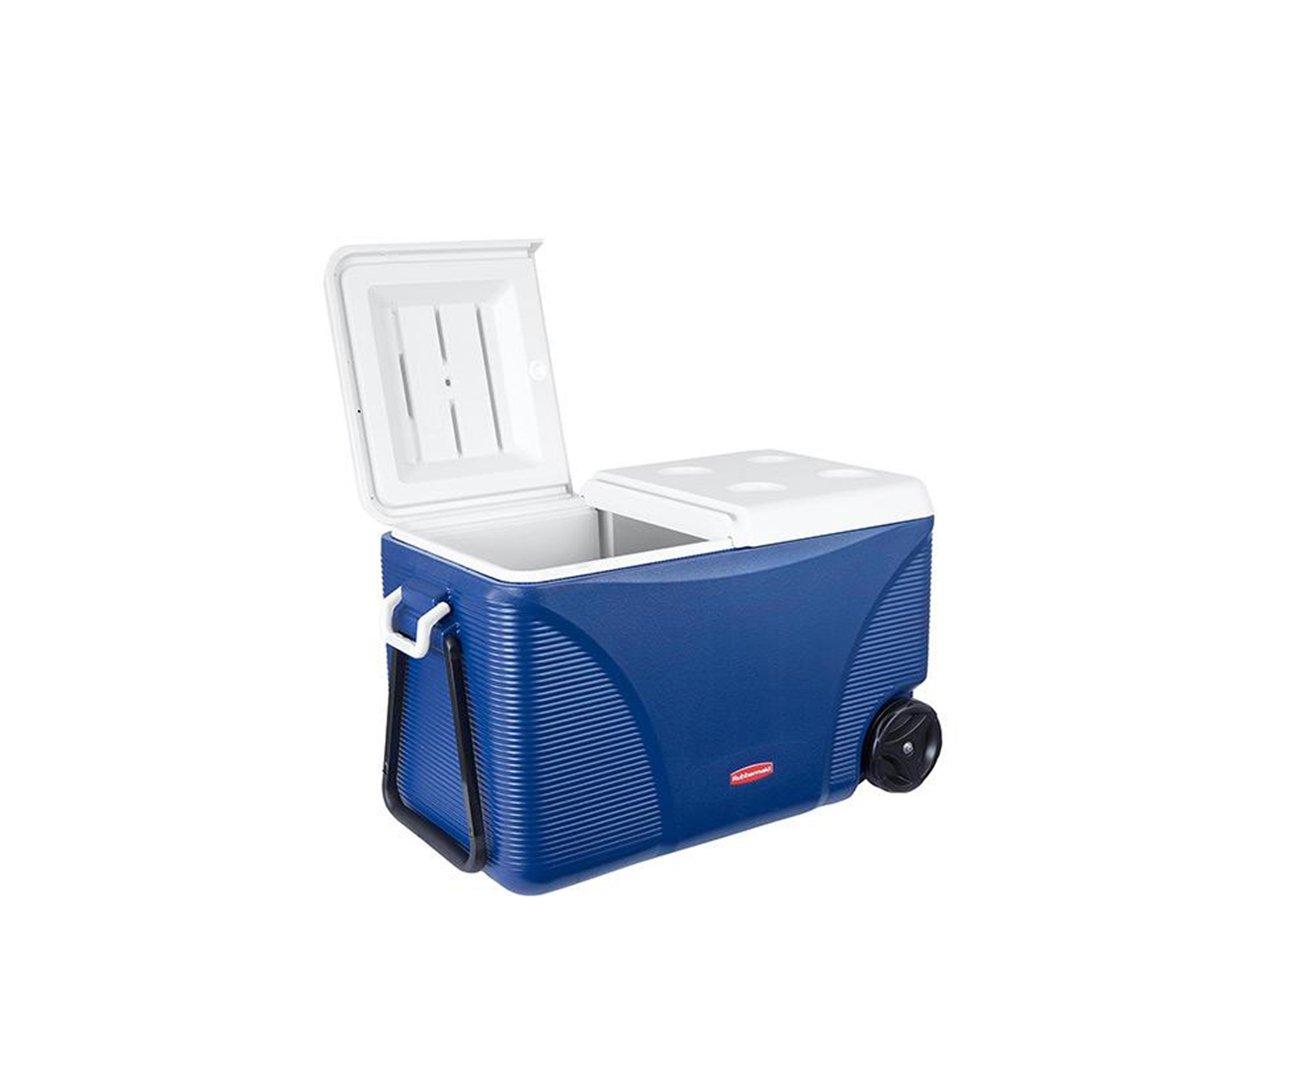 Caixa Termica - Cooler 75 Qt C/ Rodas Azul - Rubbermaid